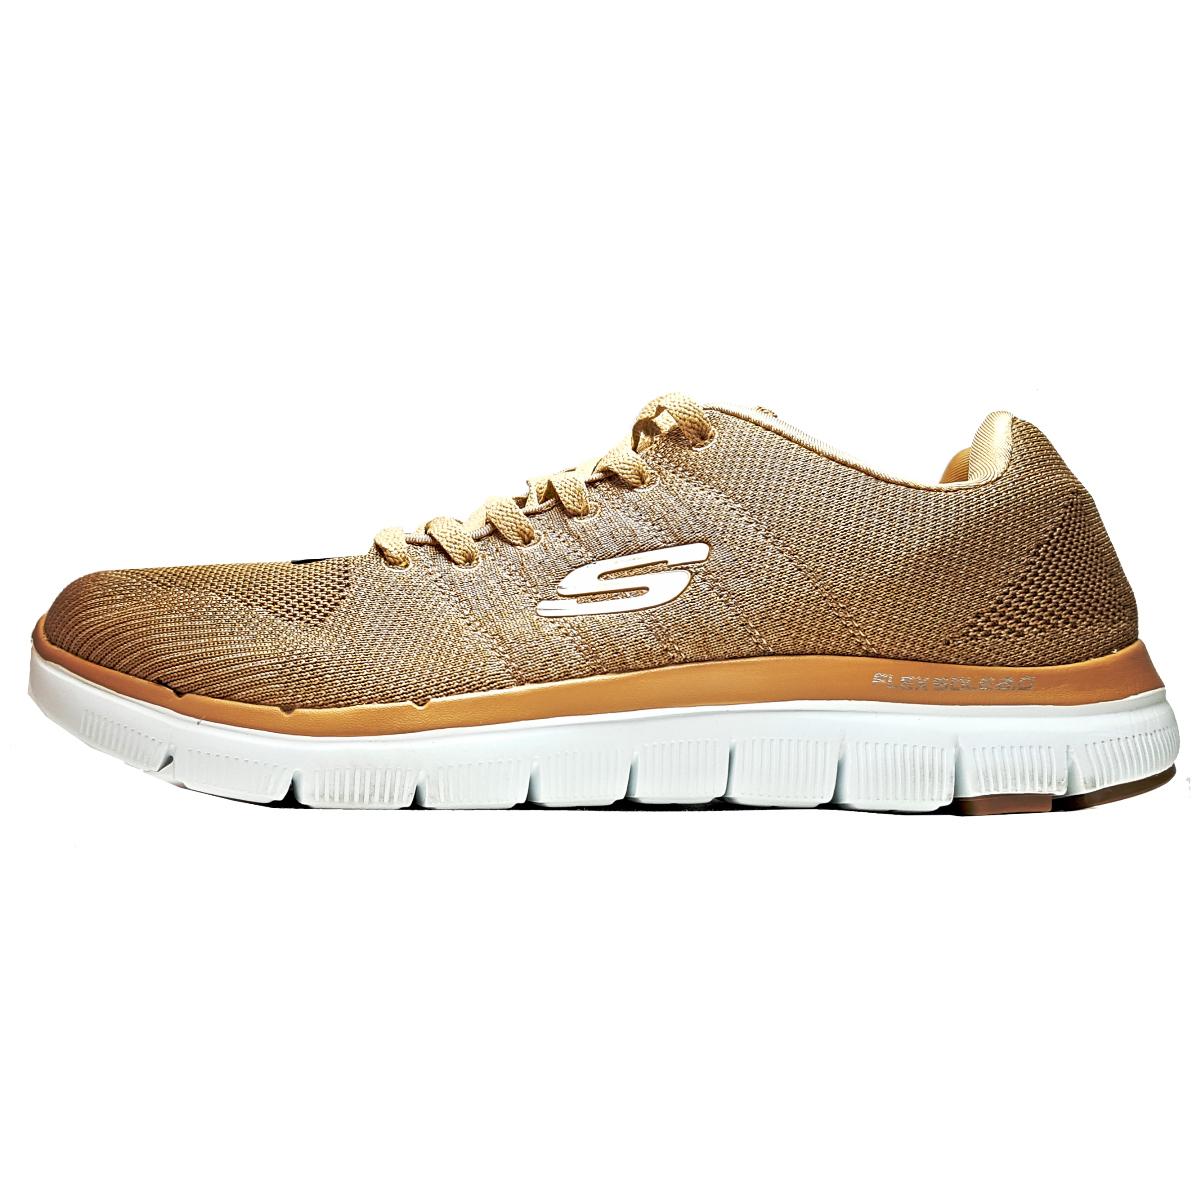 کفش مخصوص پیاده روی مردانه اسکچرز مدل flex advantage 2.0 - missing link